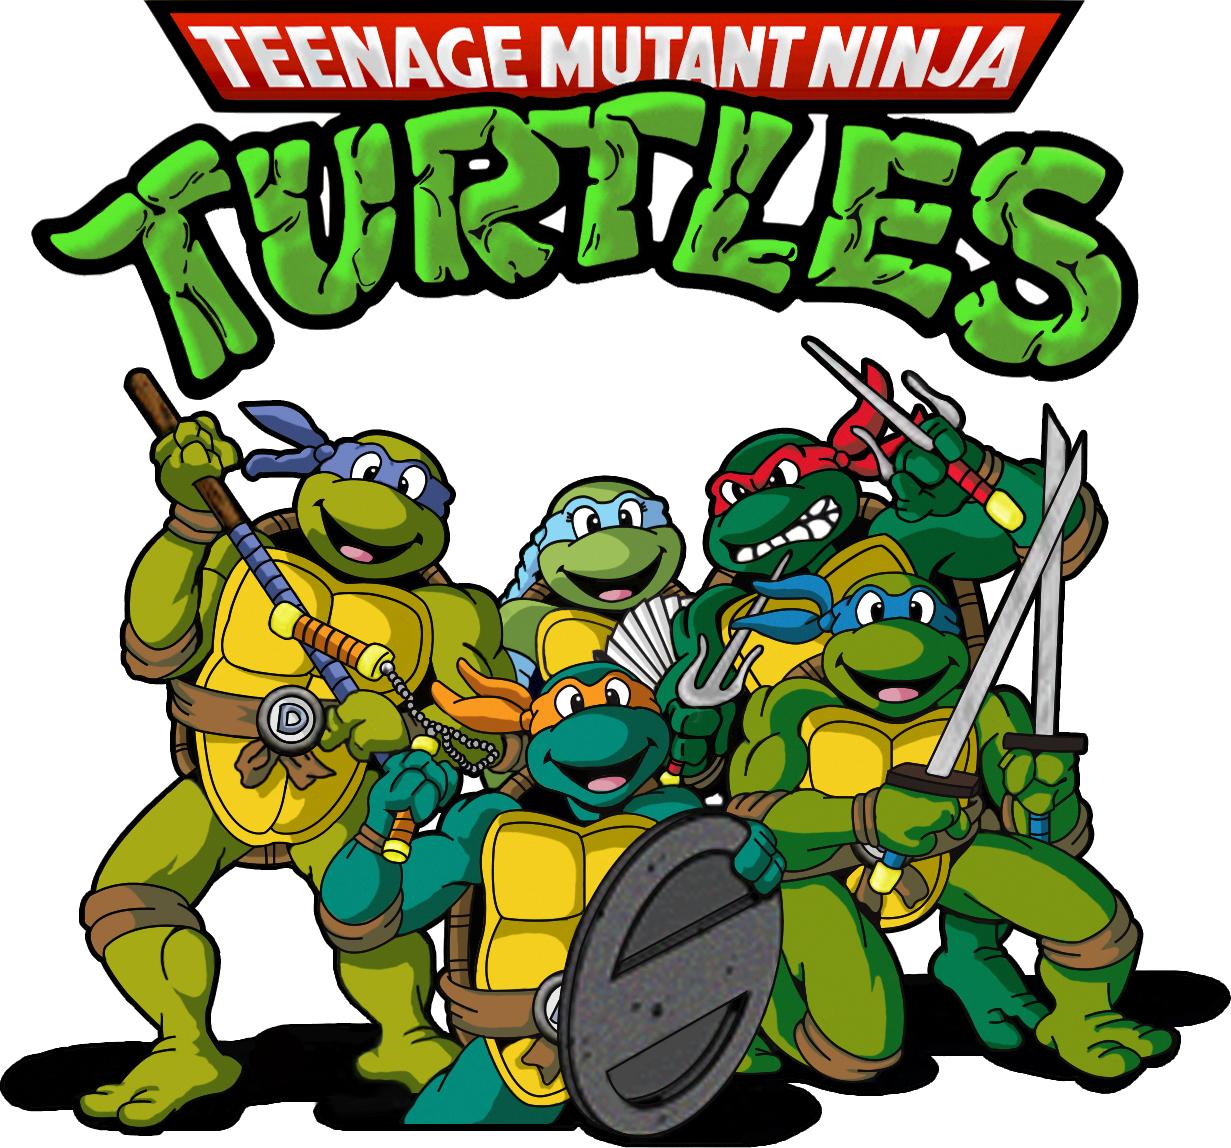 Teenage mutant ninja s. Clipart turtle transparent background